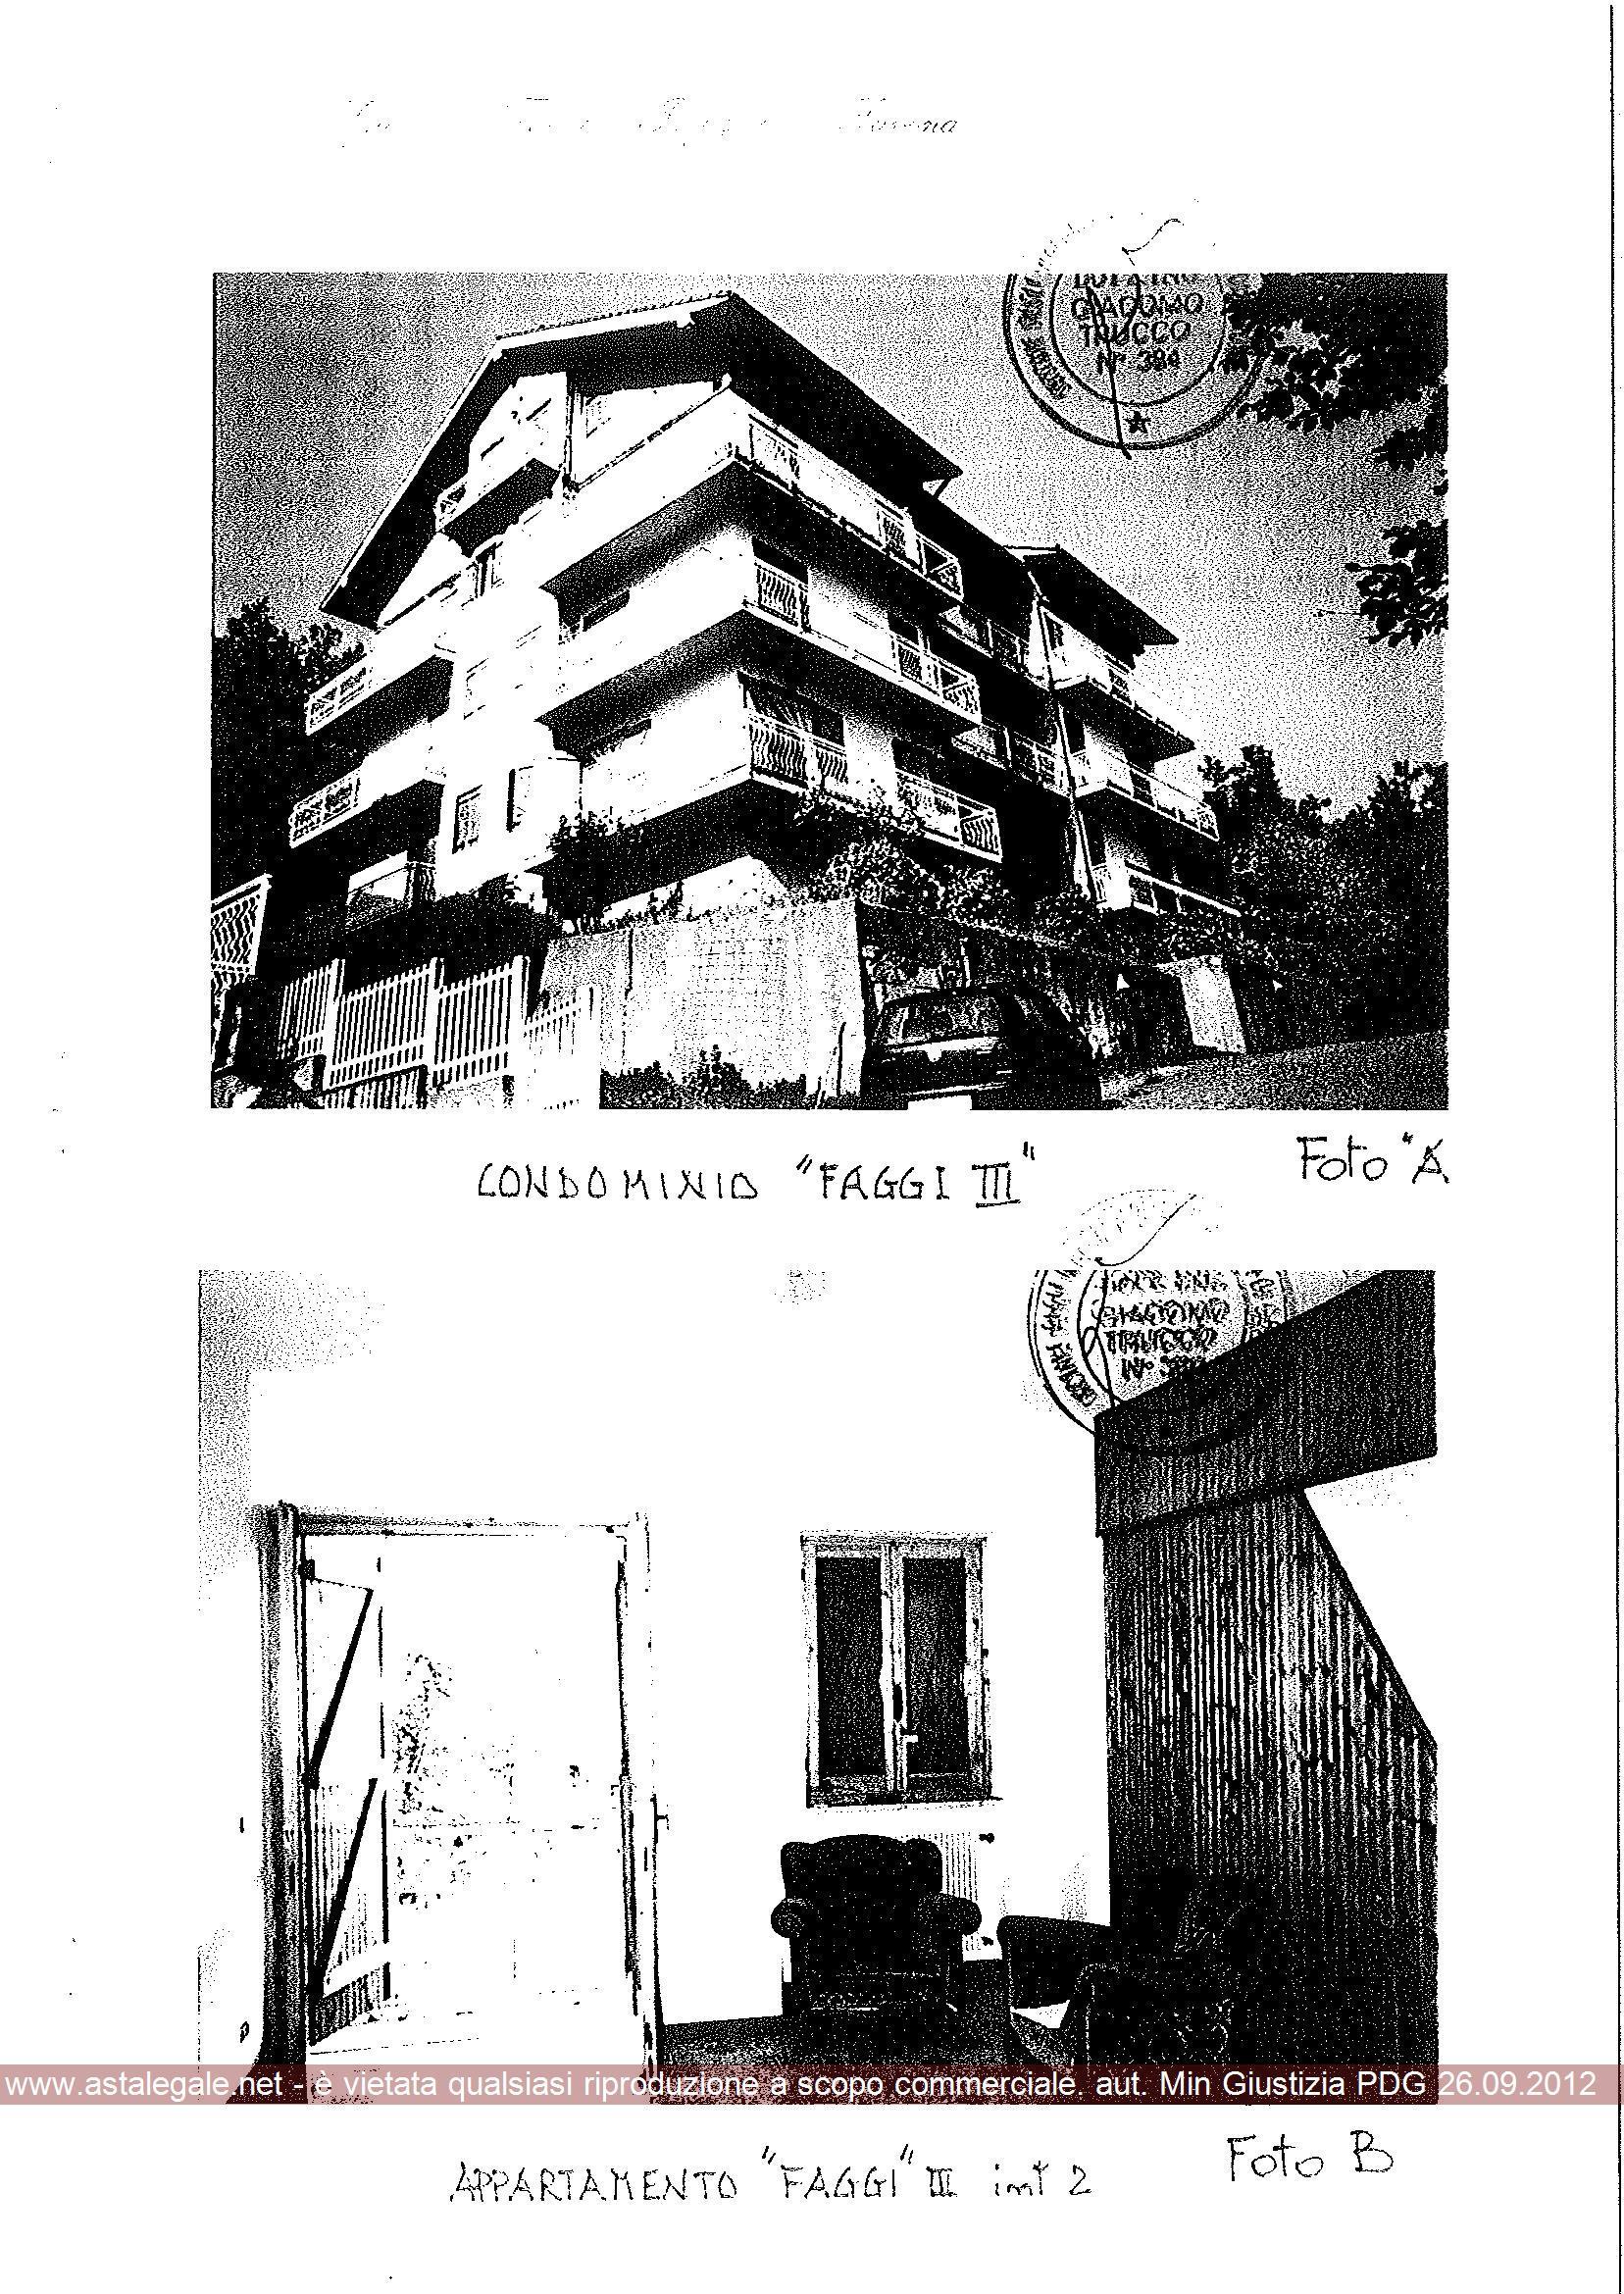 Urbe (SV) Via Savona  13